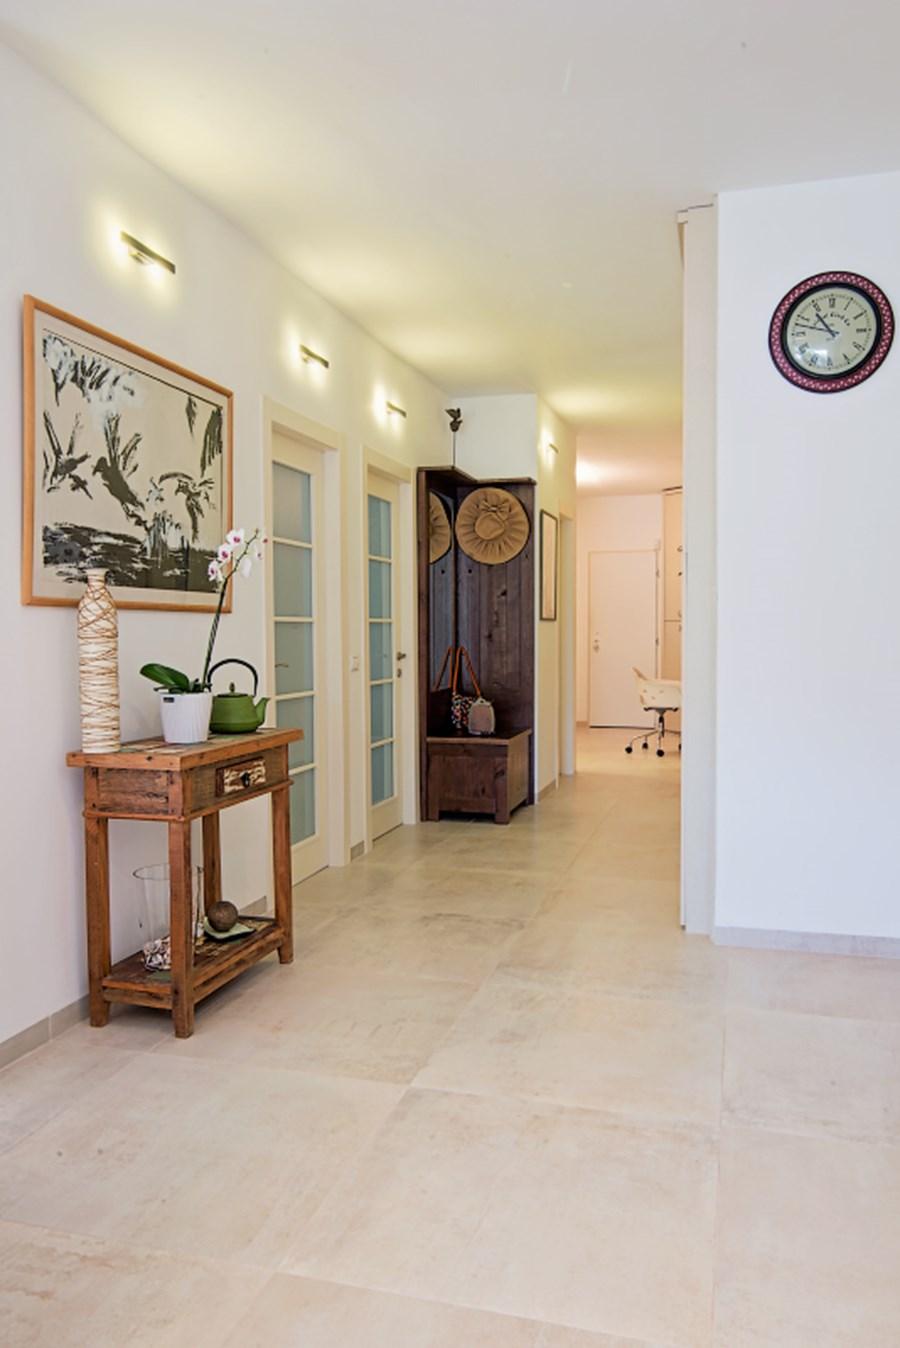 Apartment in Haifa by Irena Elbaz 07